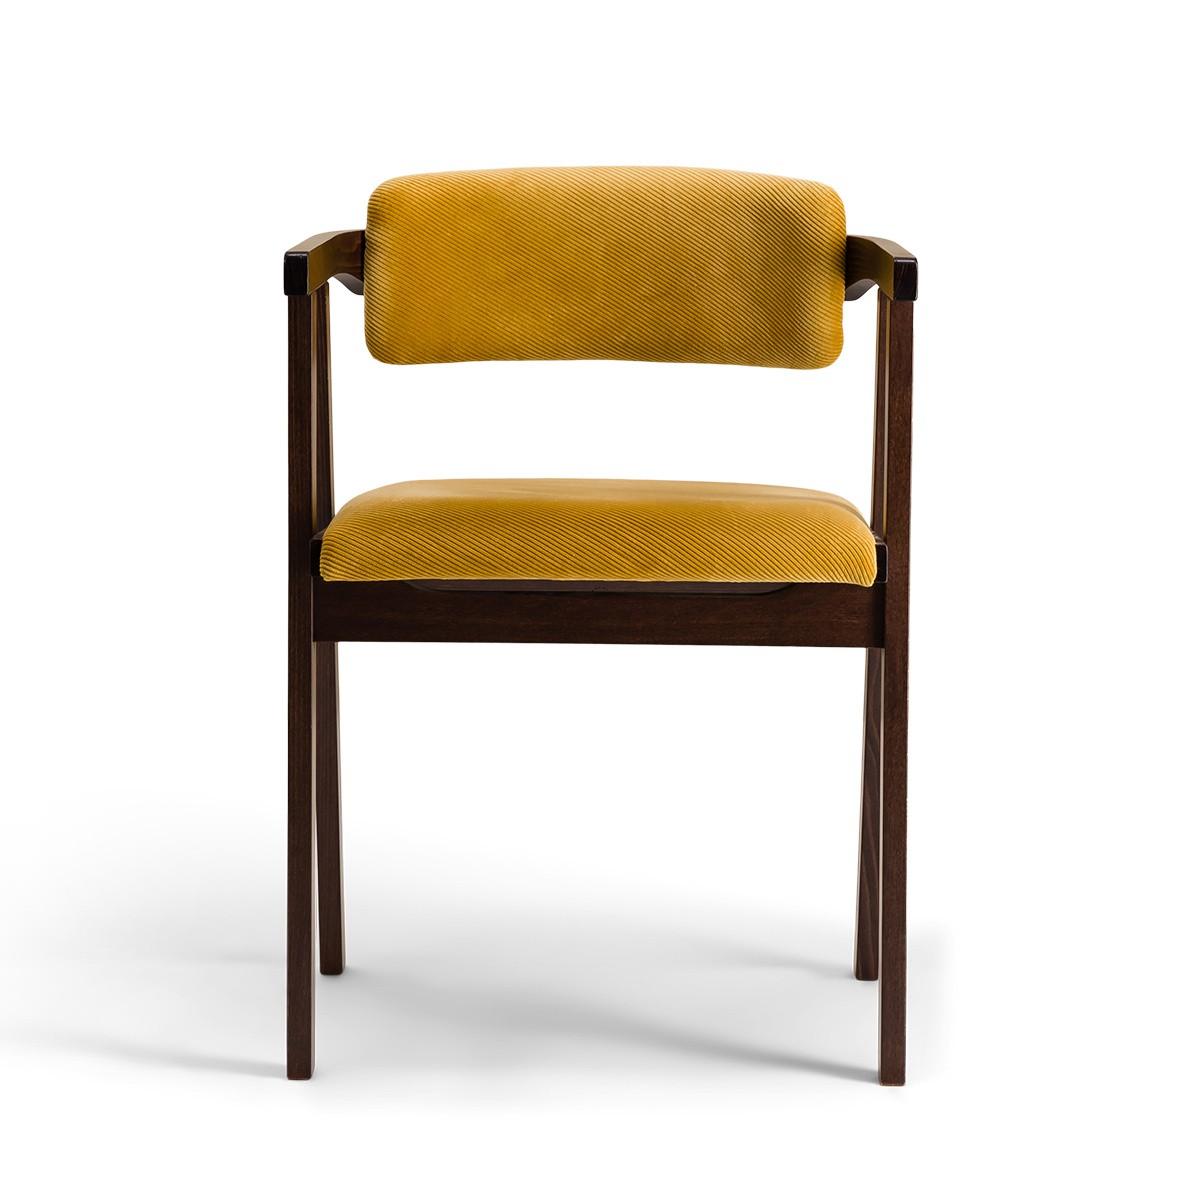 Chaise Milano bois brun velours côtelé moutarde